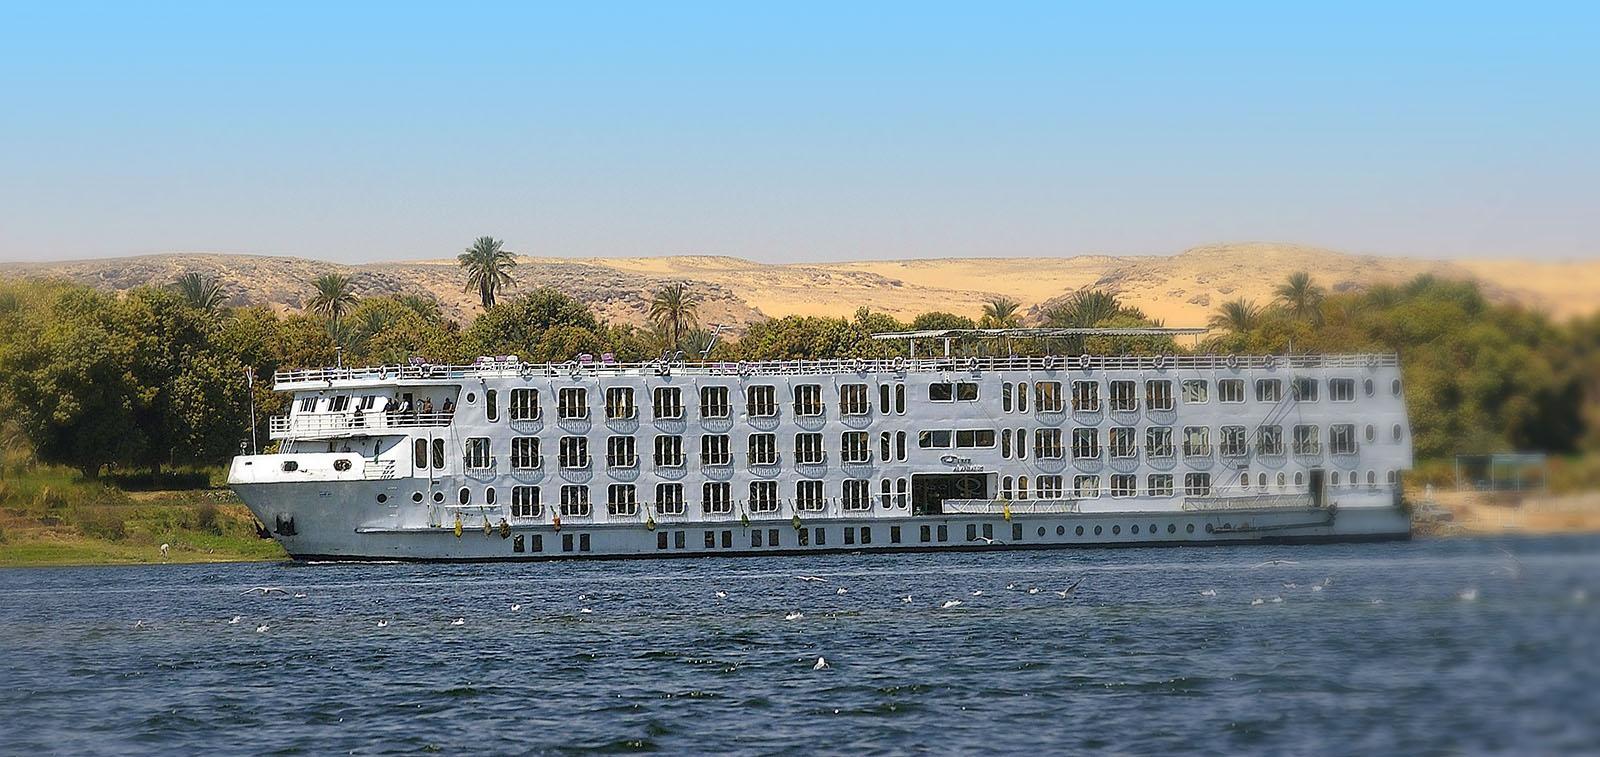 Nilkreuzfahrt und Badeverlängerung 14 Tage